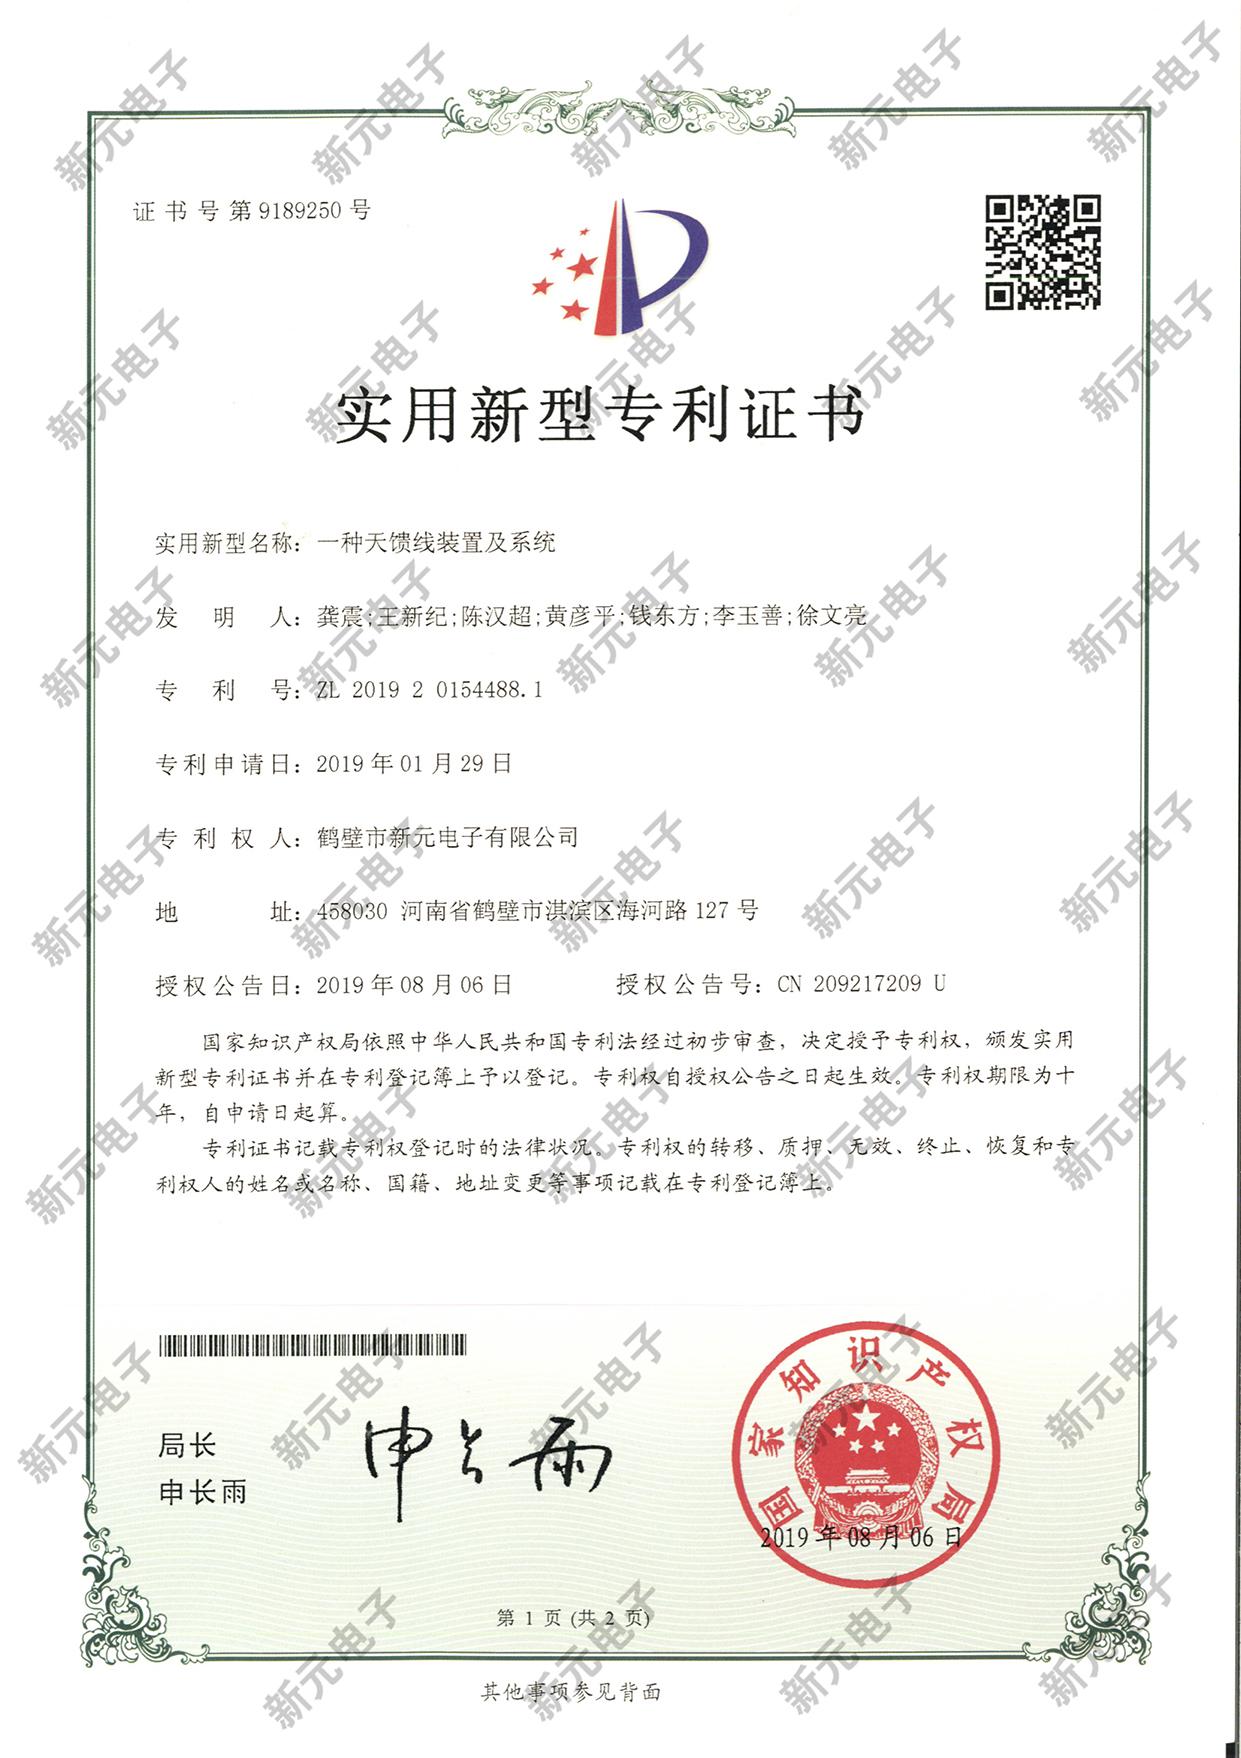 有水印-专利-一种天馈线装置及系统-实用新型专利证书-1